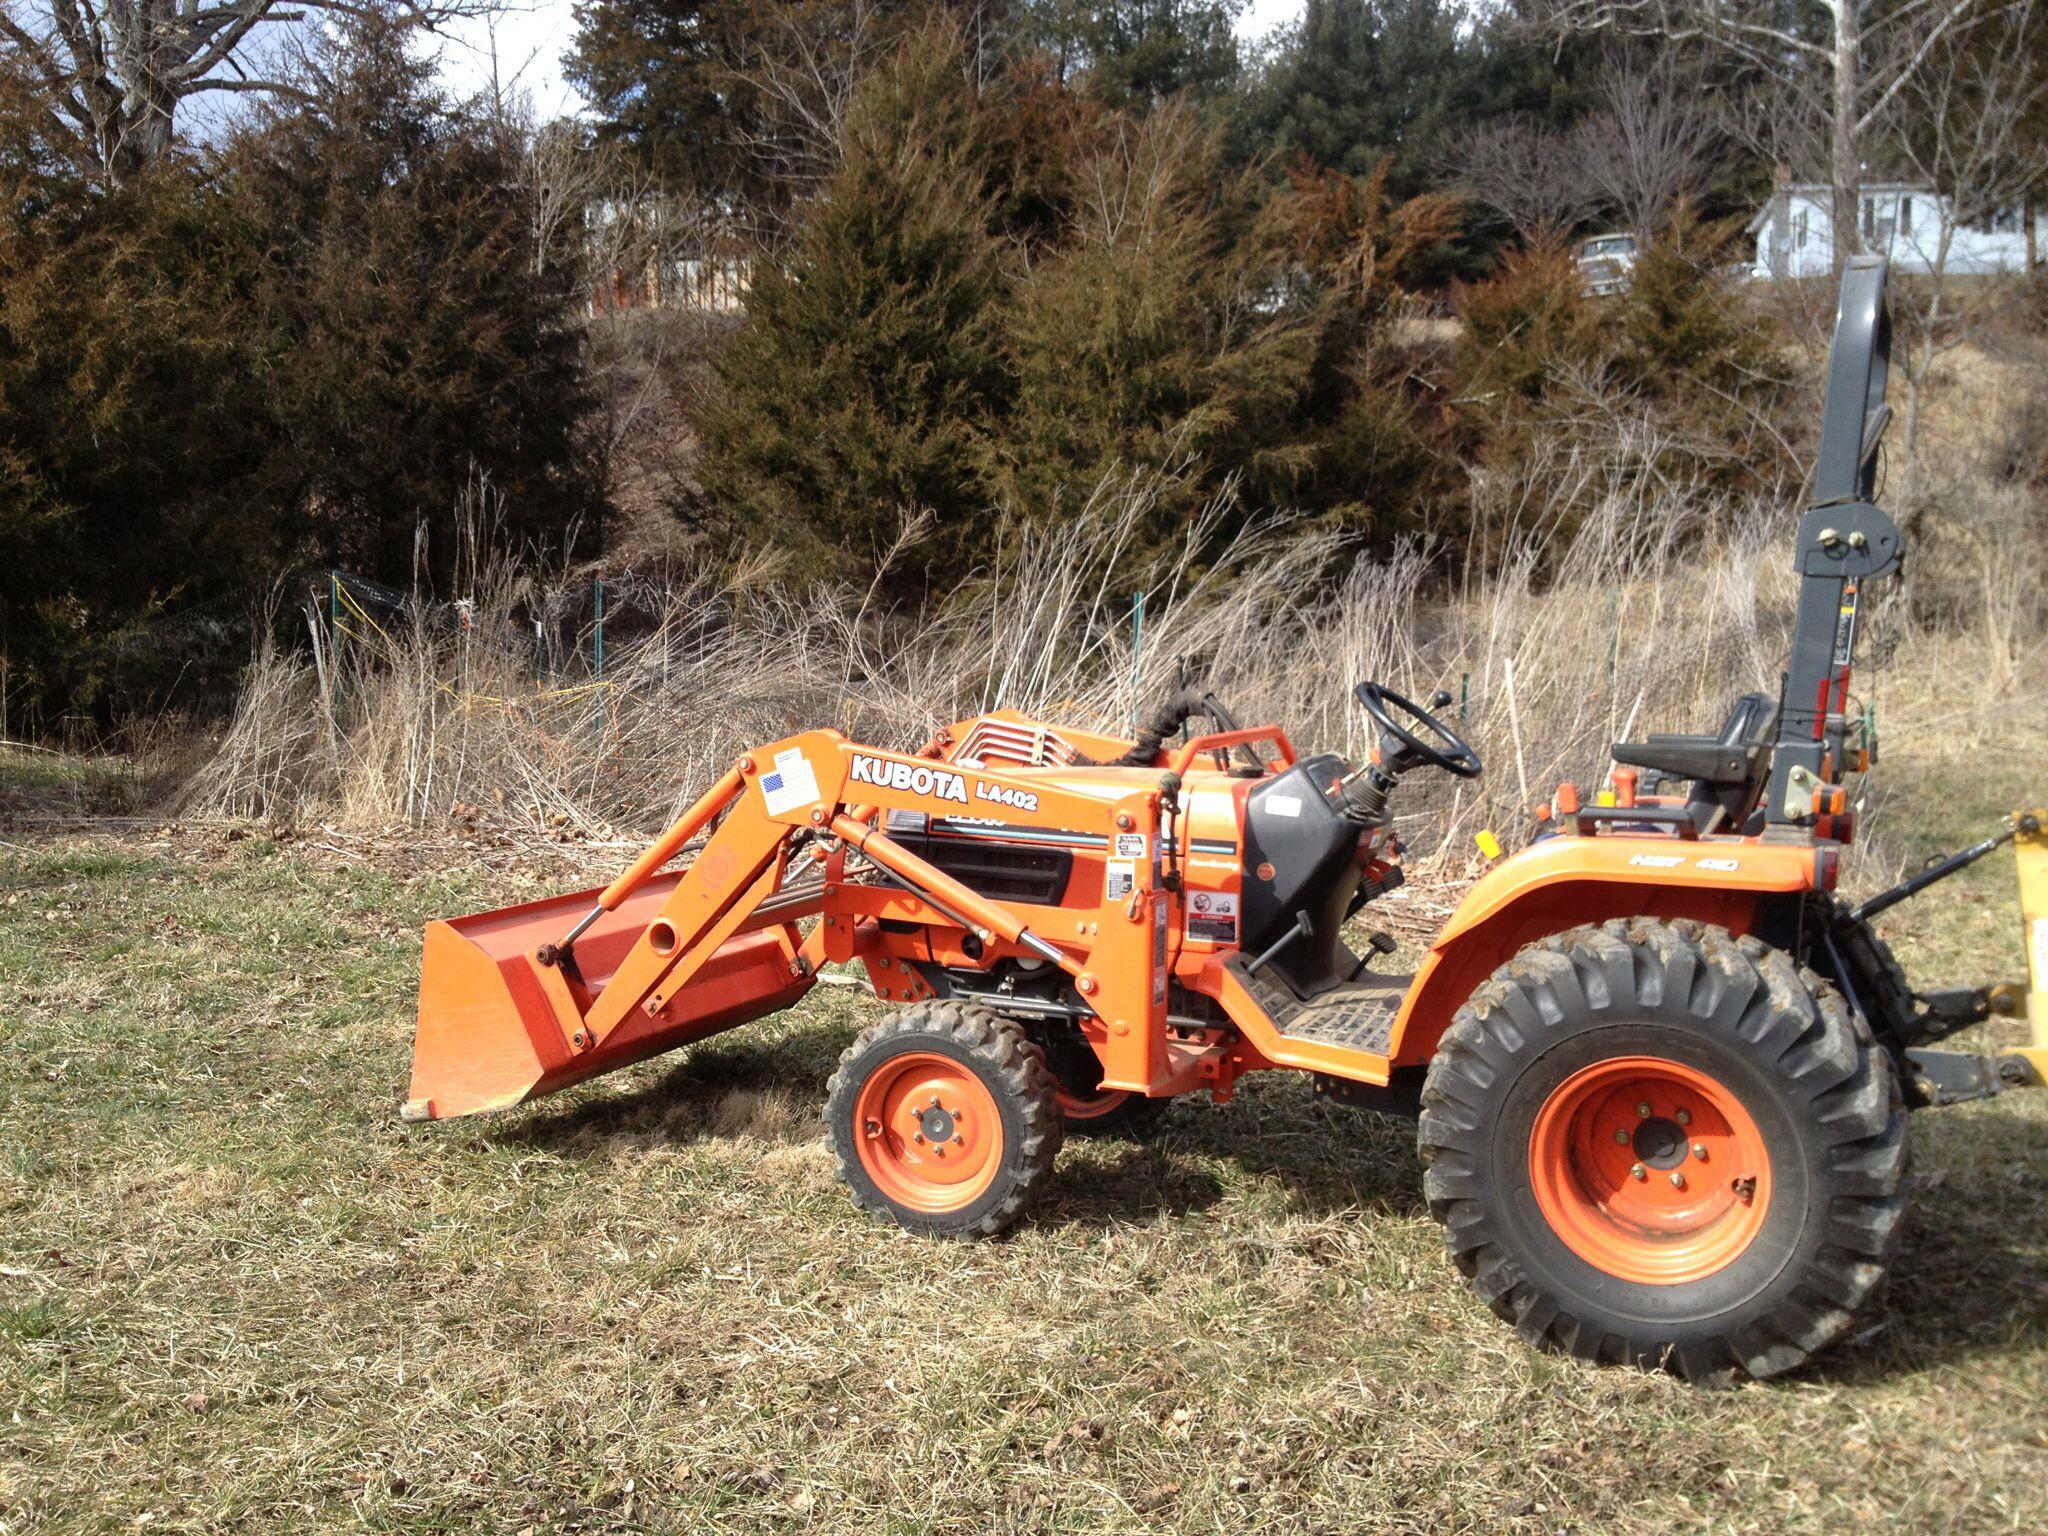 Kubota tractors for sale in kentucky - Kubota Tractor Kubota Lawn Tractor T Series 18 0hp 23 0hp Specifications Kubota Tractor Pinterest Kubota Lawn Tractors Kubota Tractors And